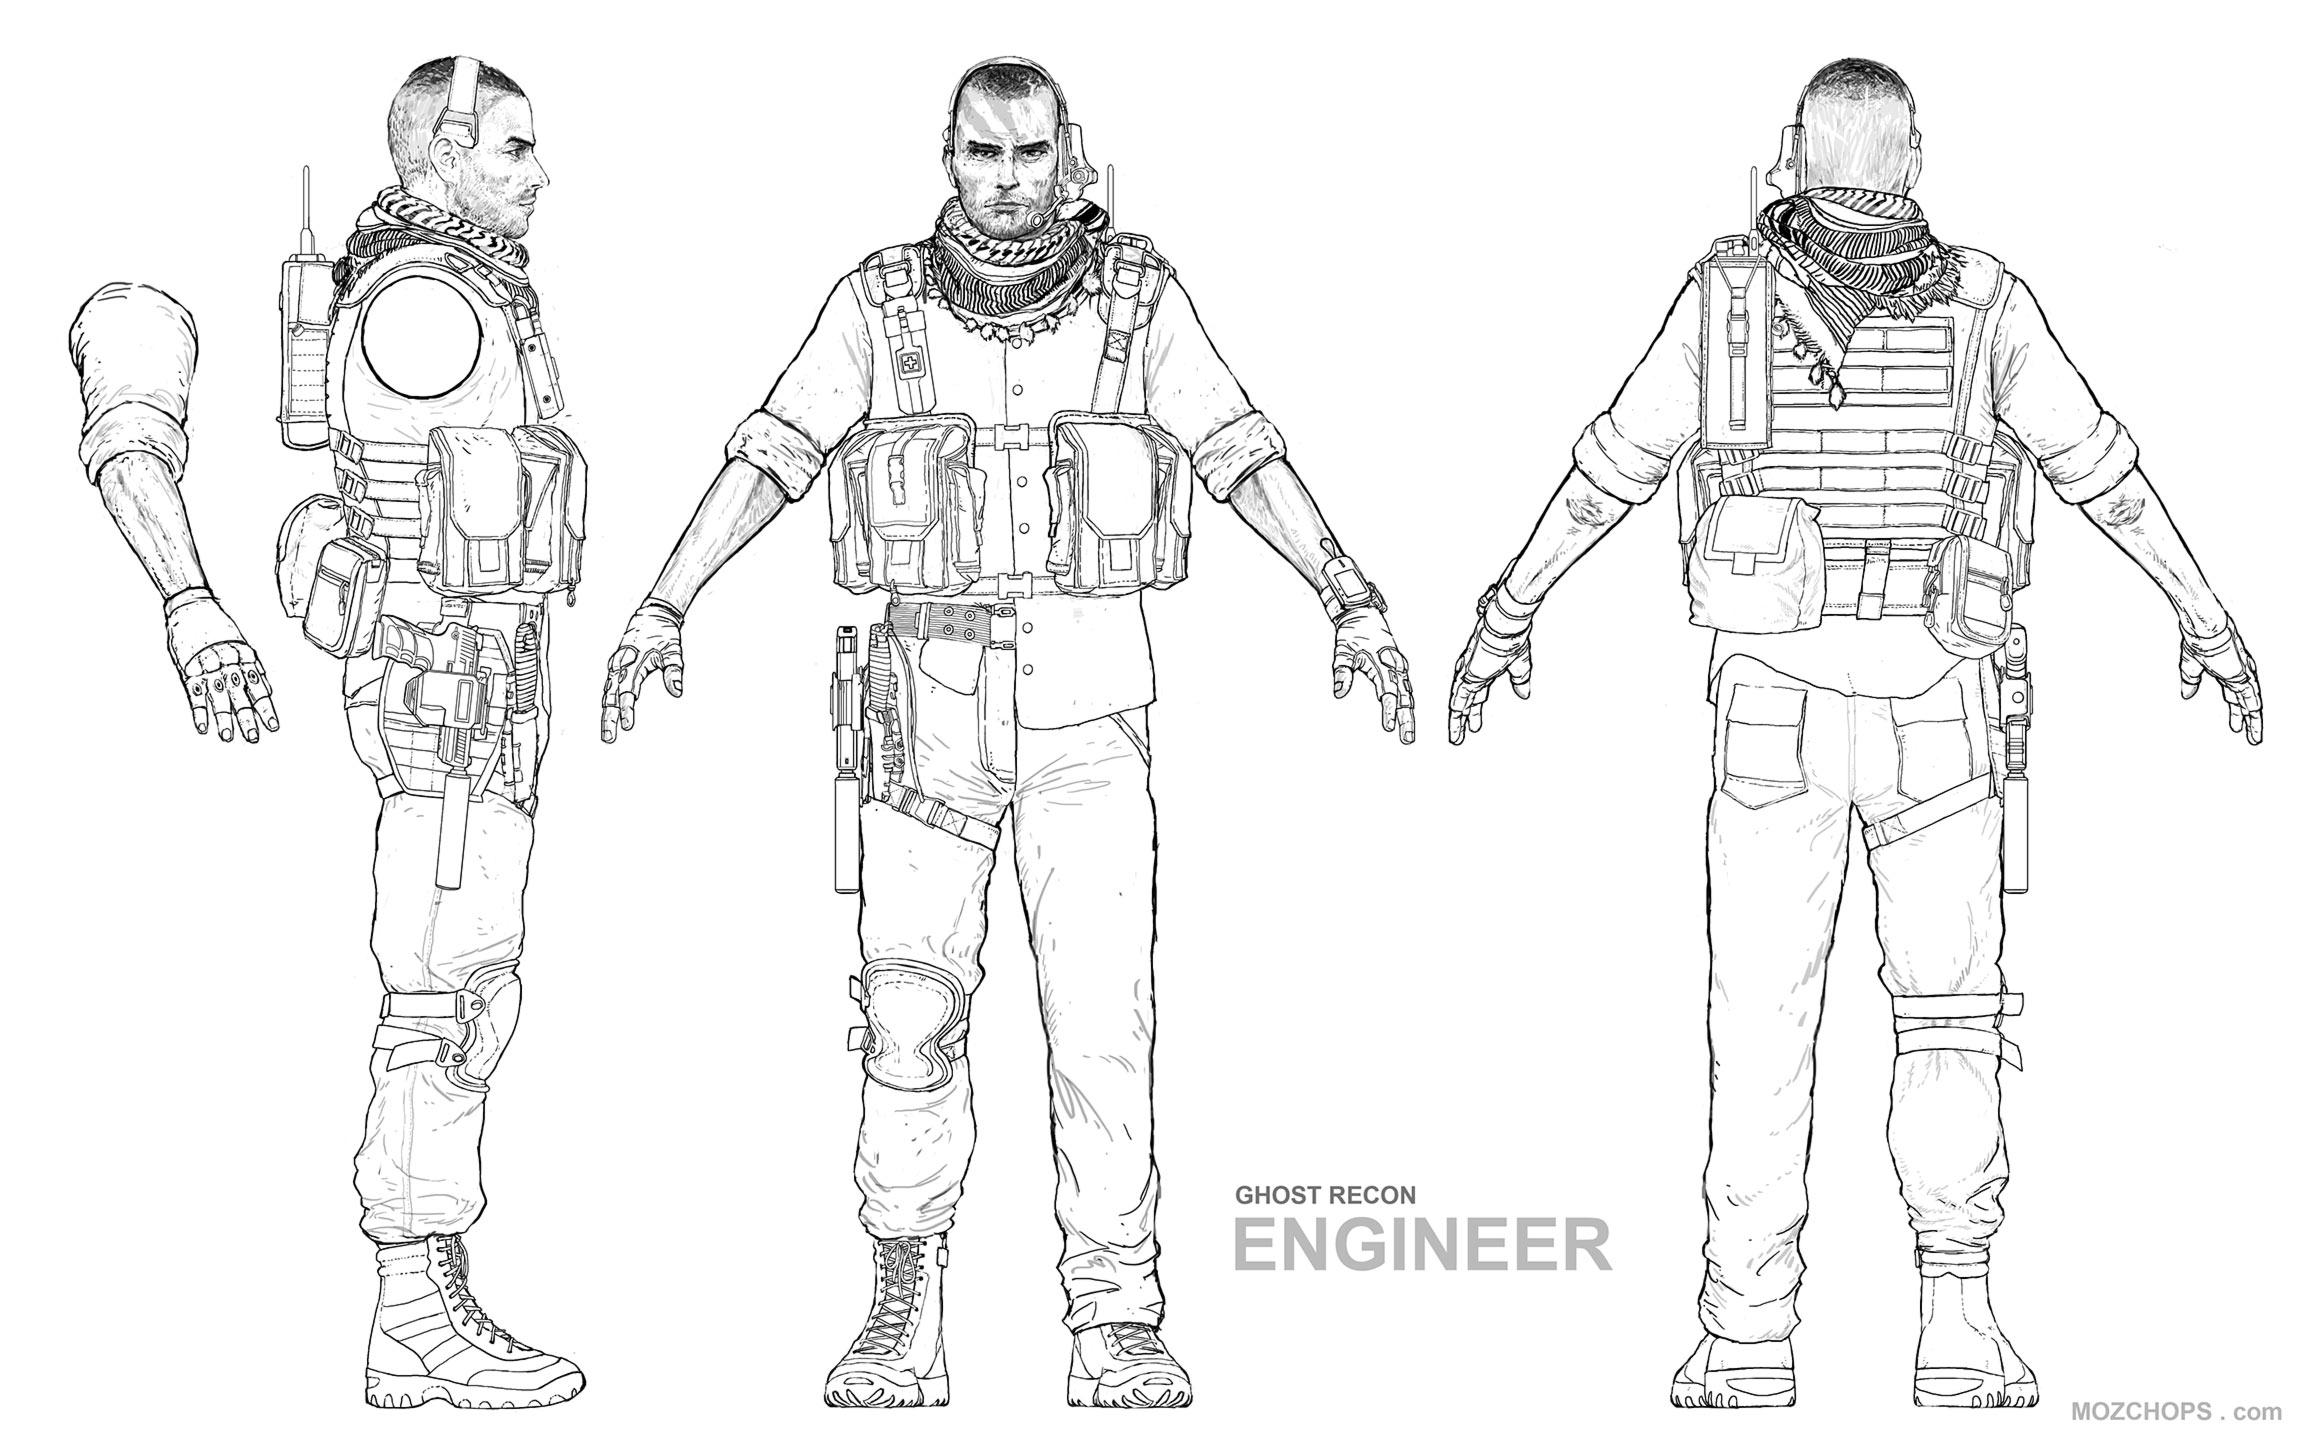 Ghost Recon Wildlands Engineer Character Sheet